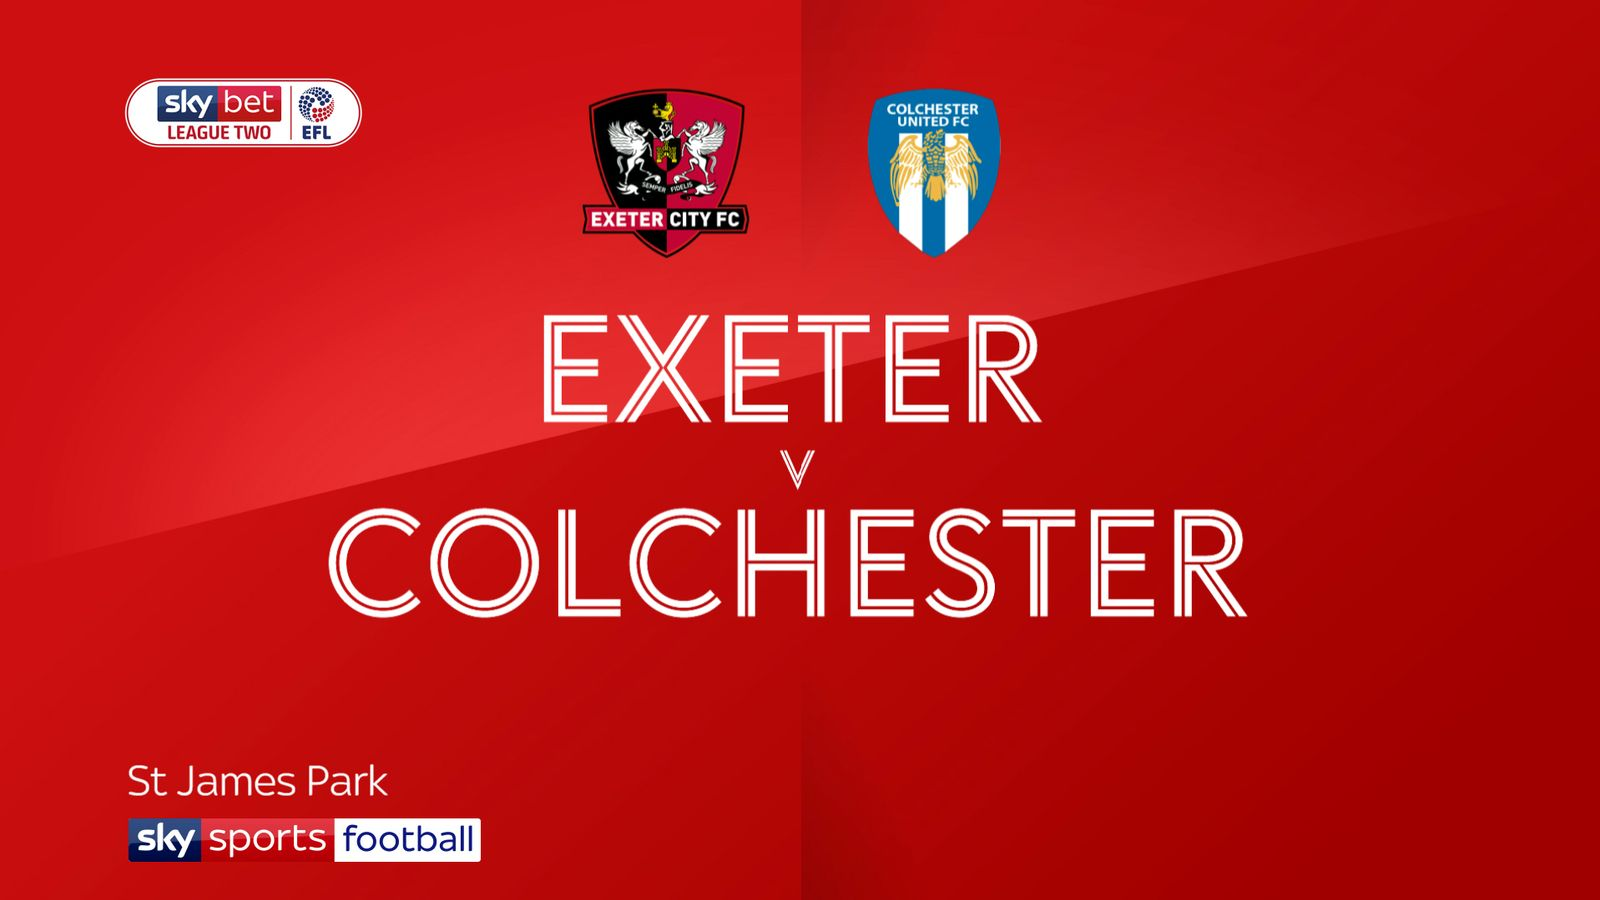 Exeter 0-0 Colchester: Goalless at St James Park